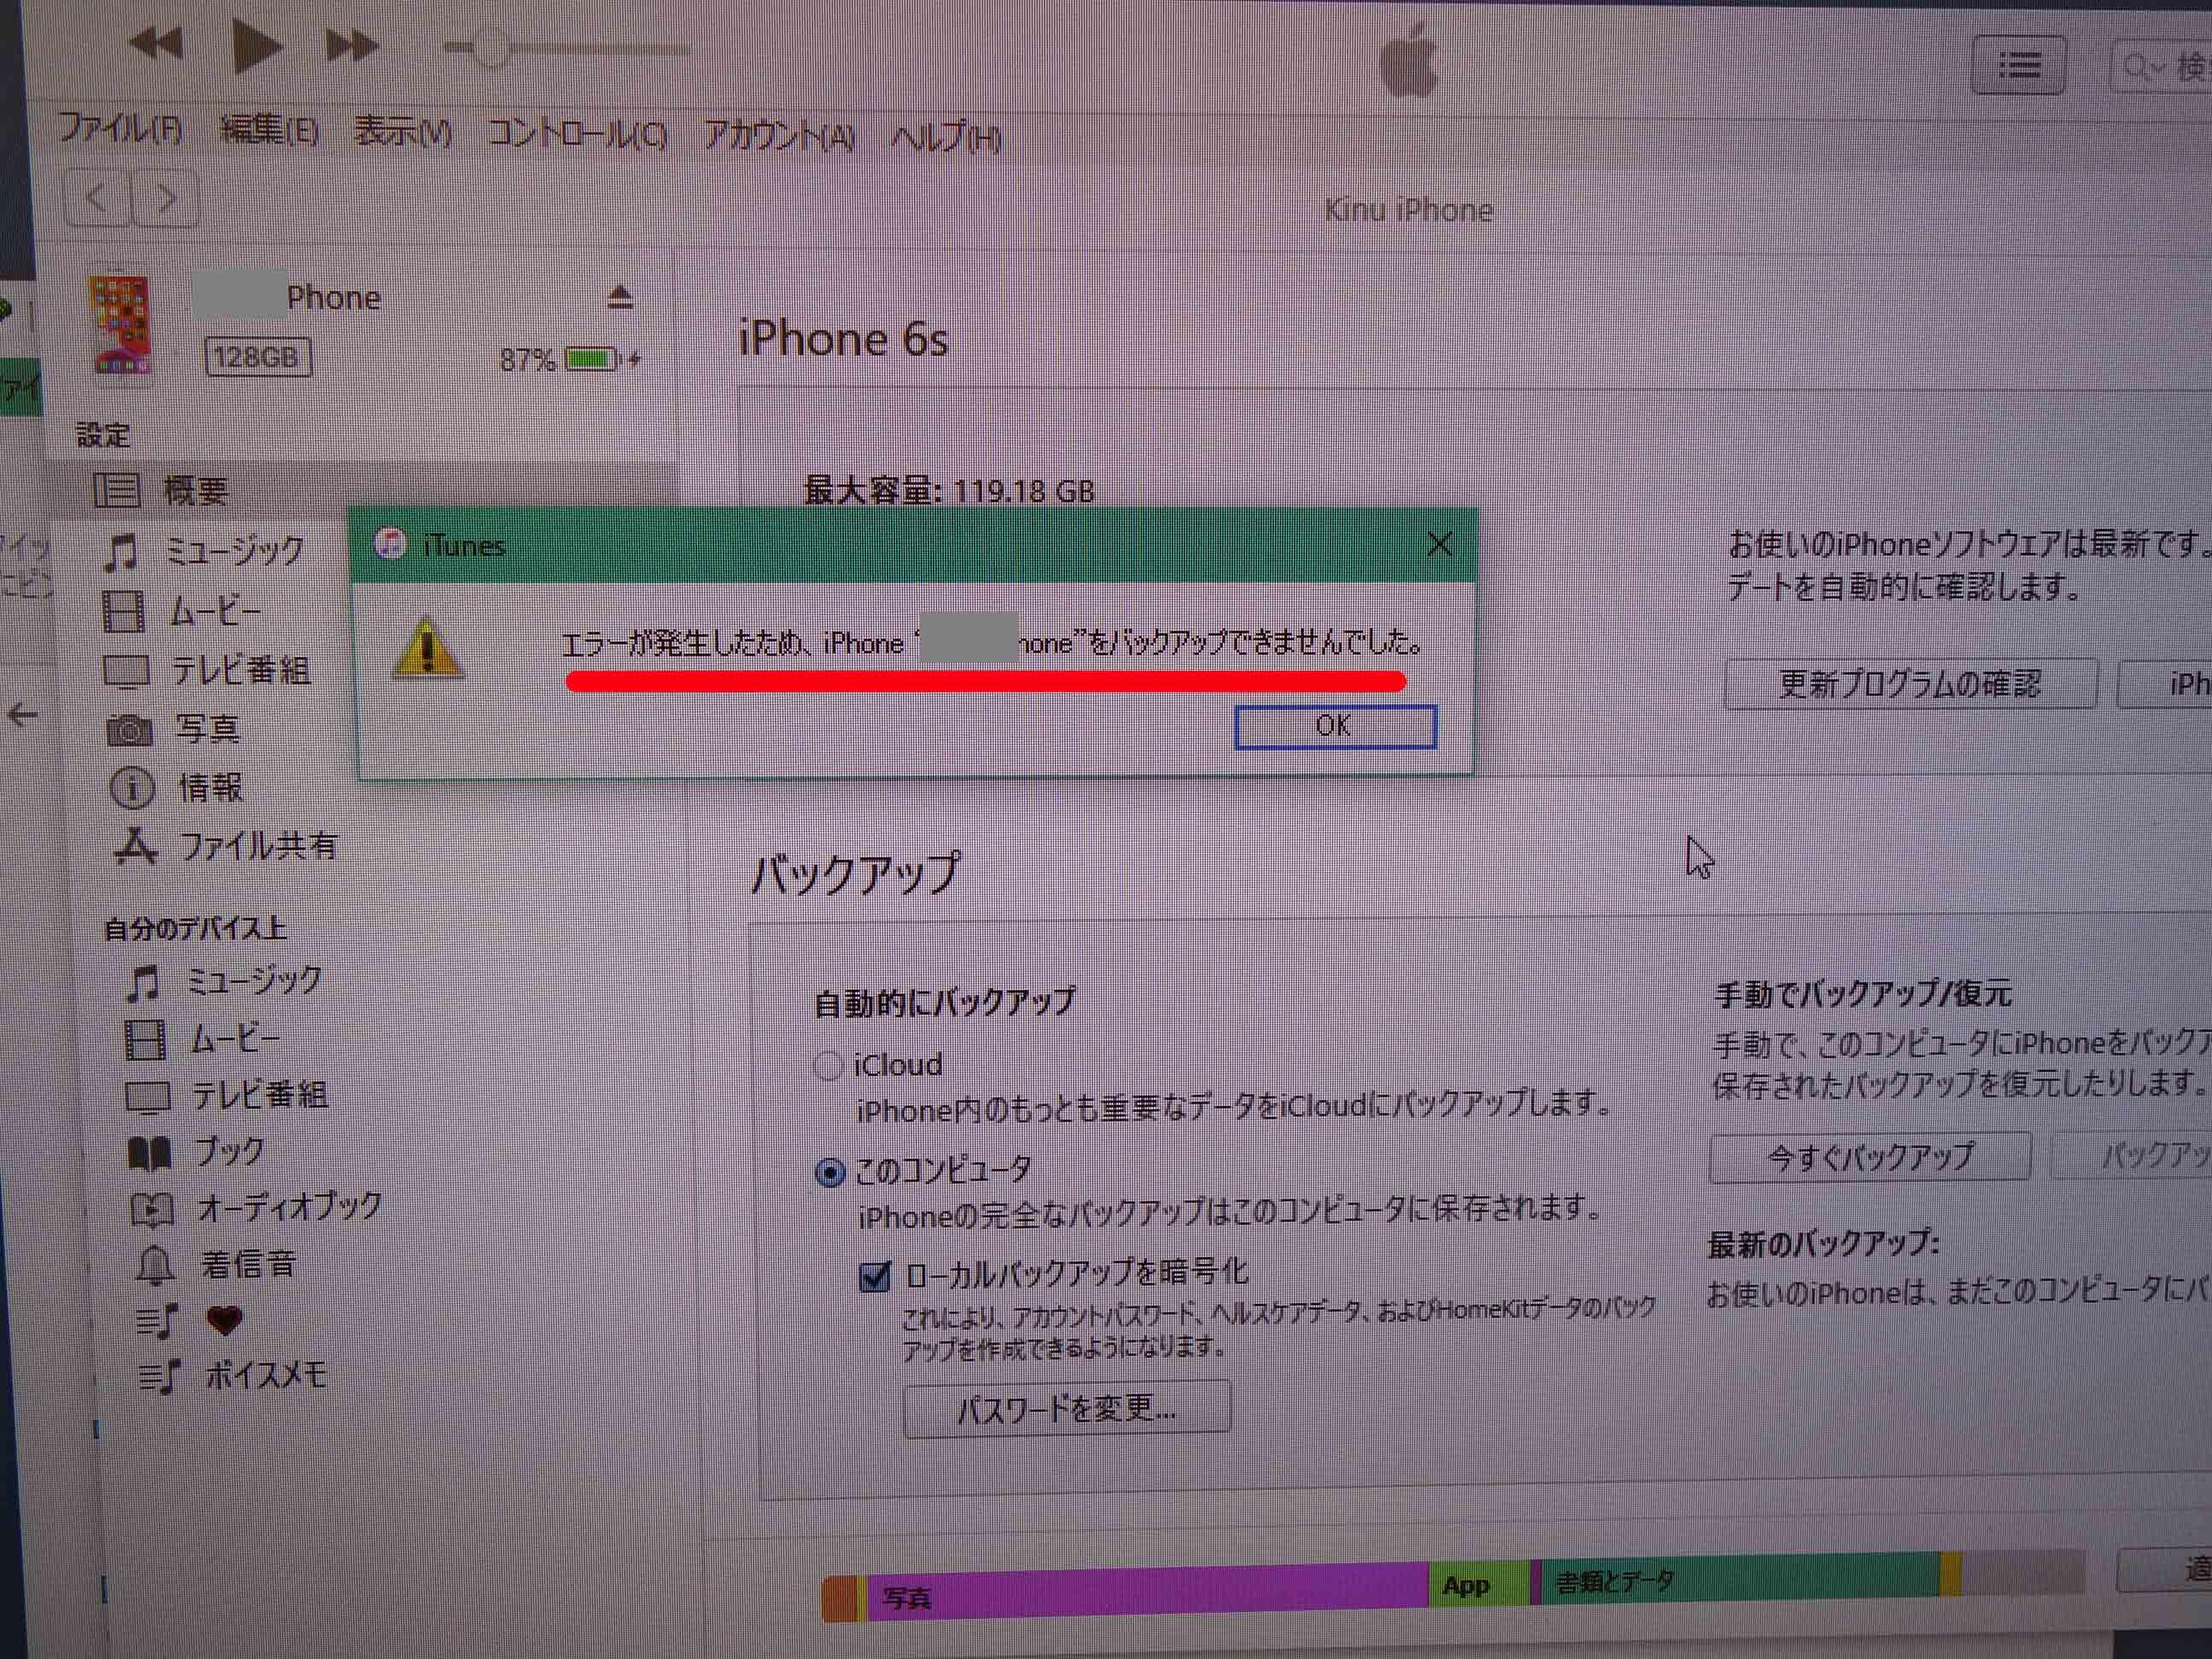 バックアップ エラー Iphone